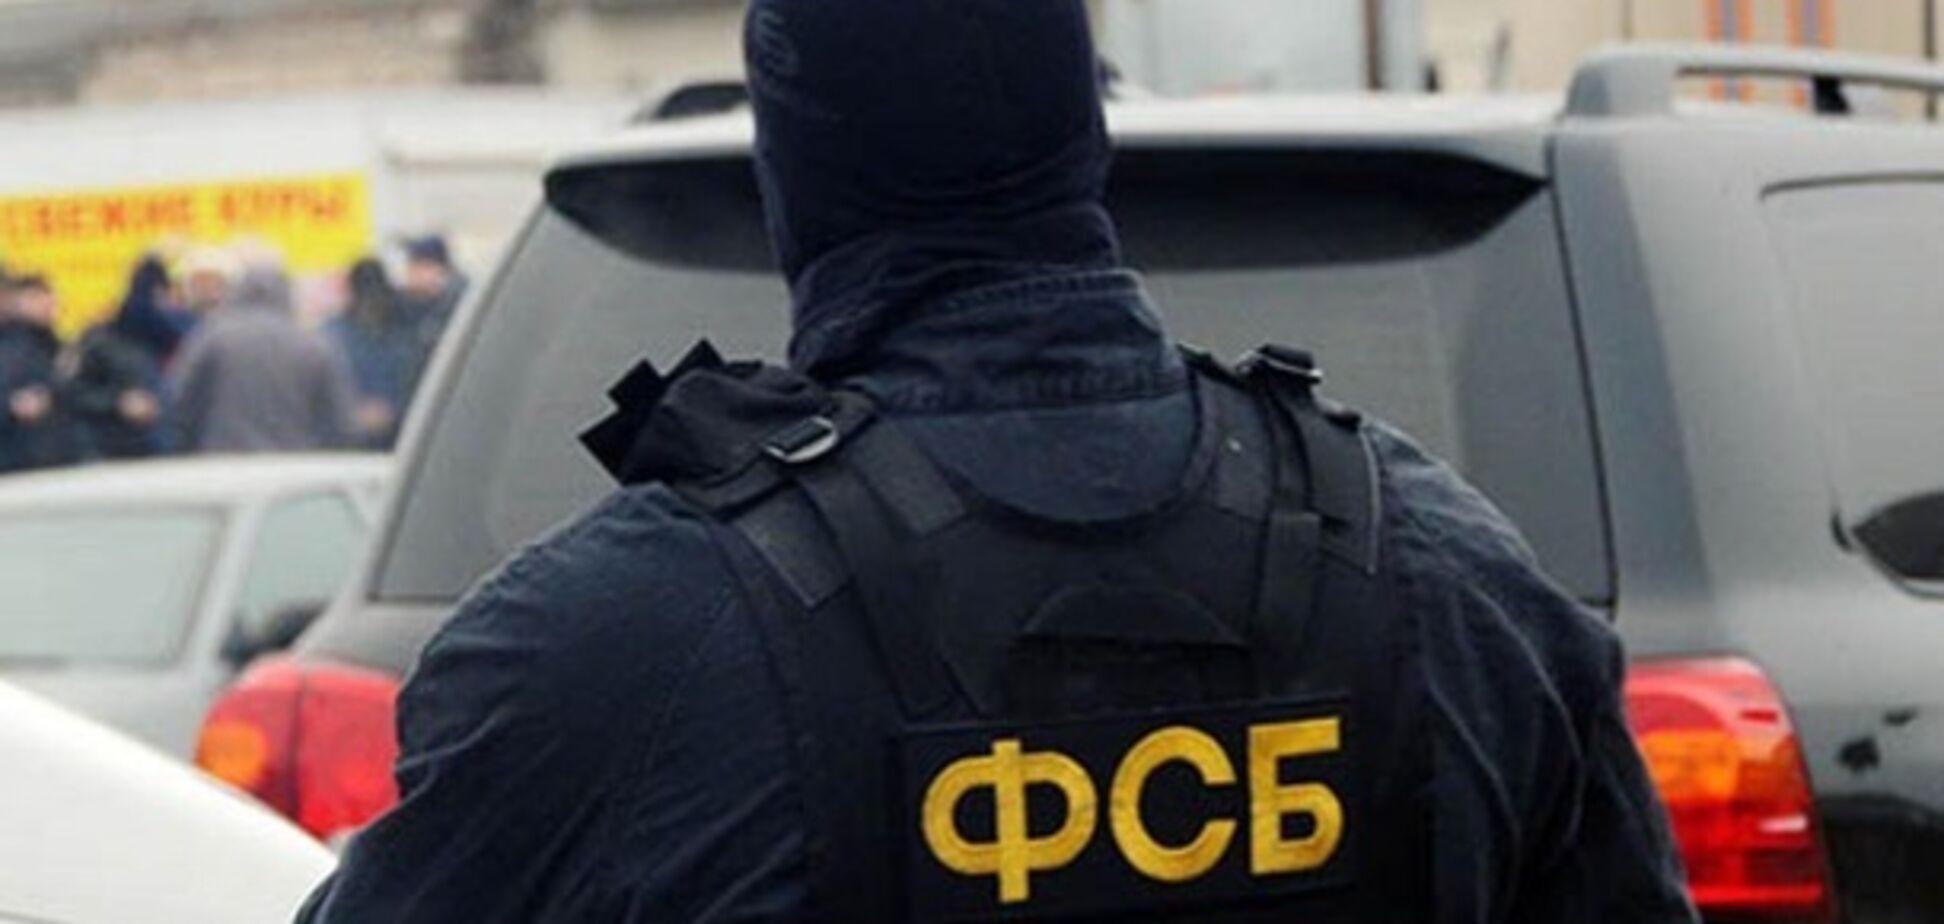 Три спроби: в ГПУ розповіли про нахабні дії ФСБ в Україні